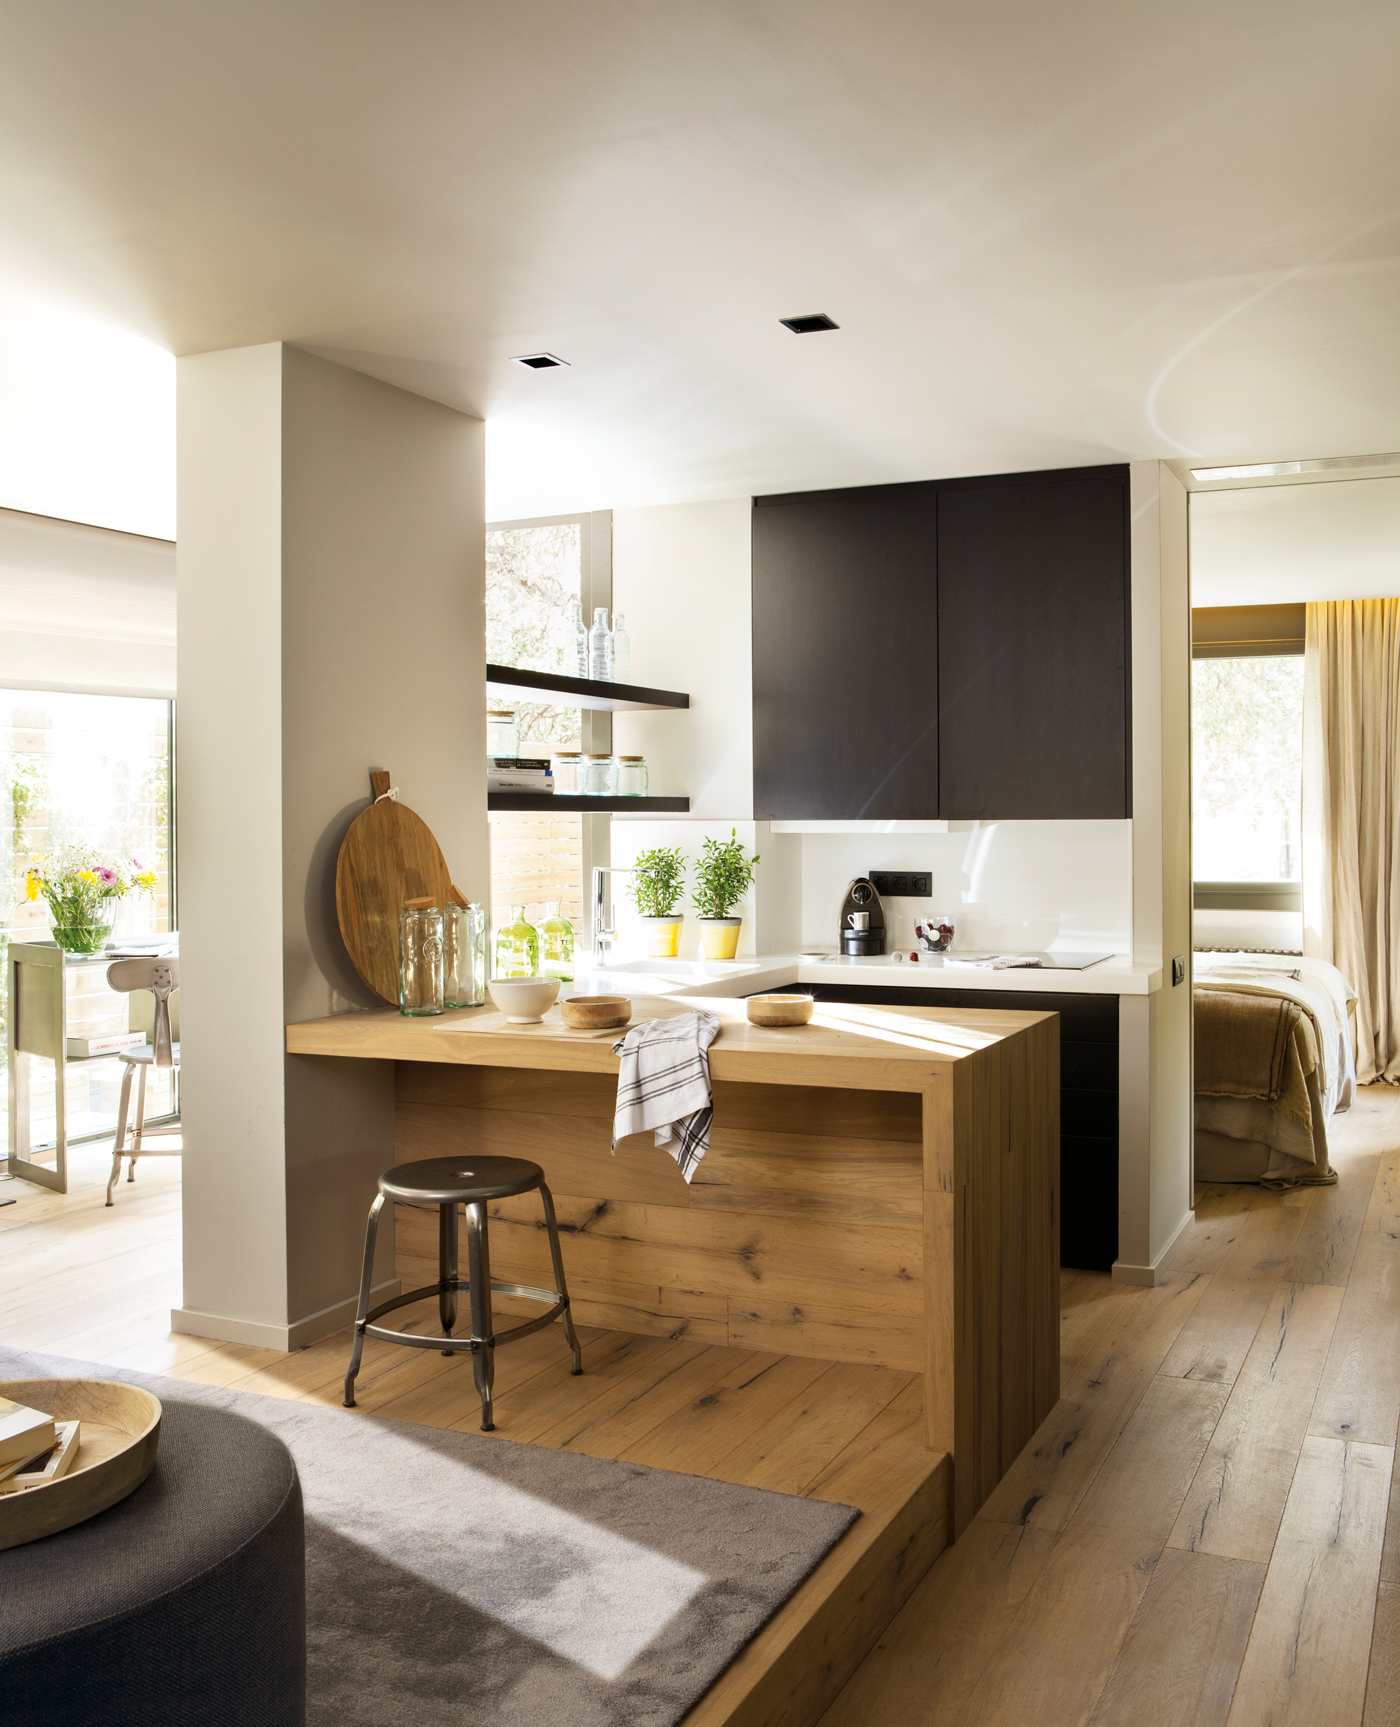 Muebles vers tiles con doble funci n ideales para espacios for Cocina comedor chico